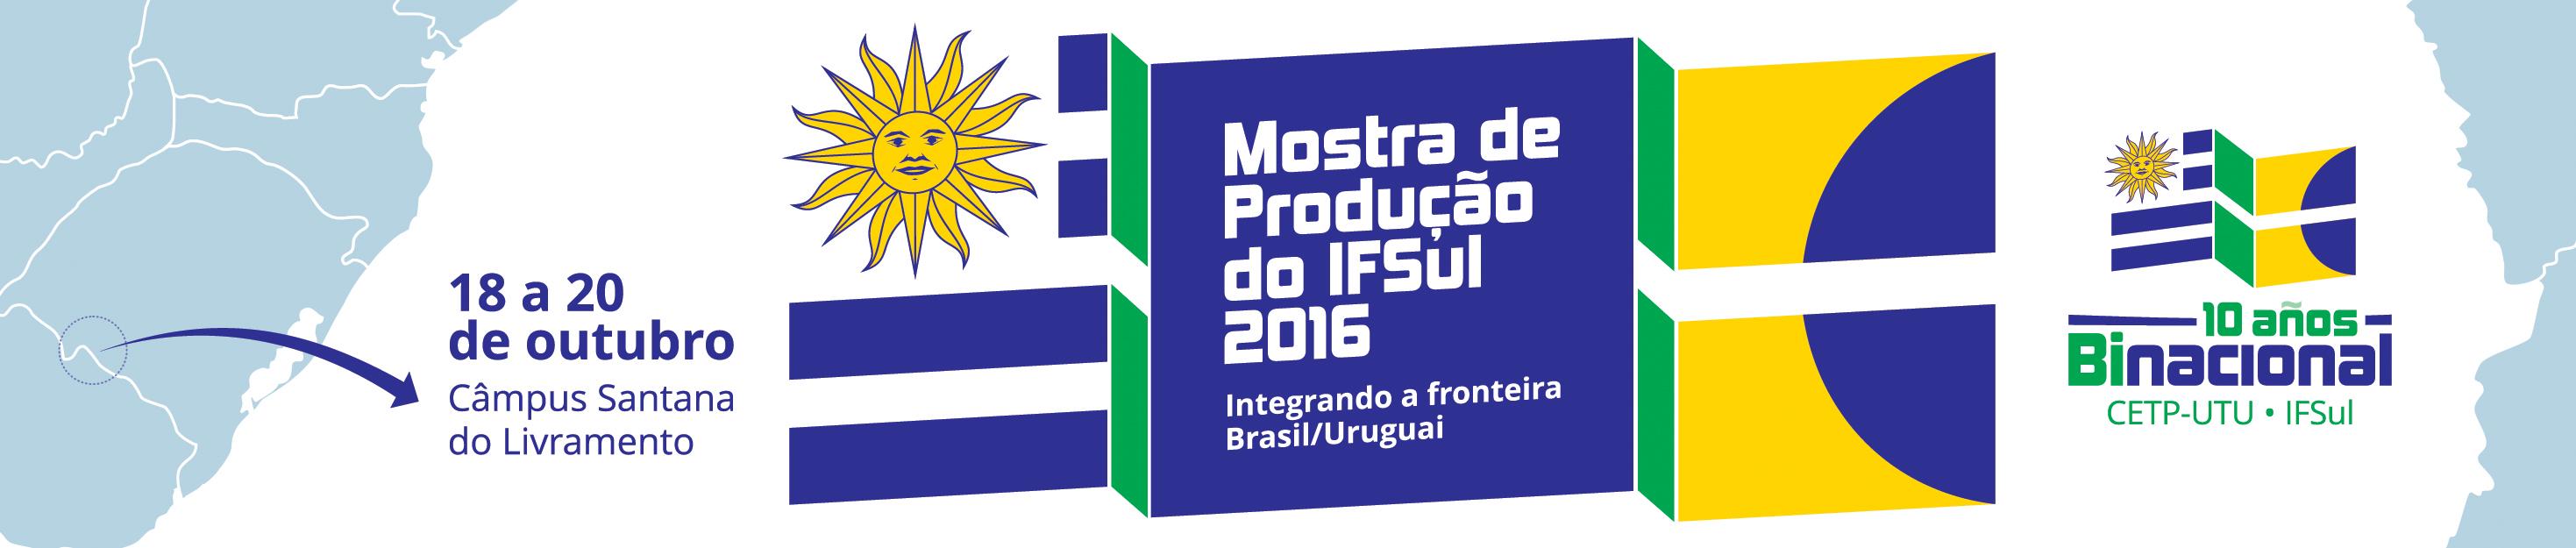 Mostra de Produção IFSul 2016